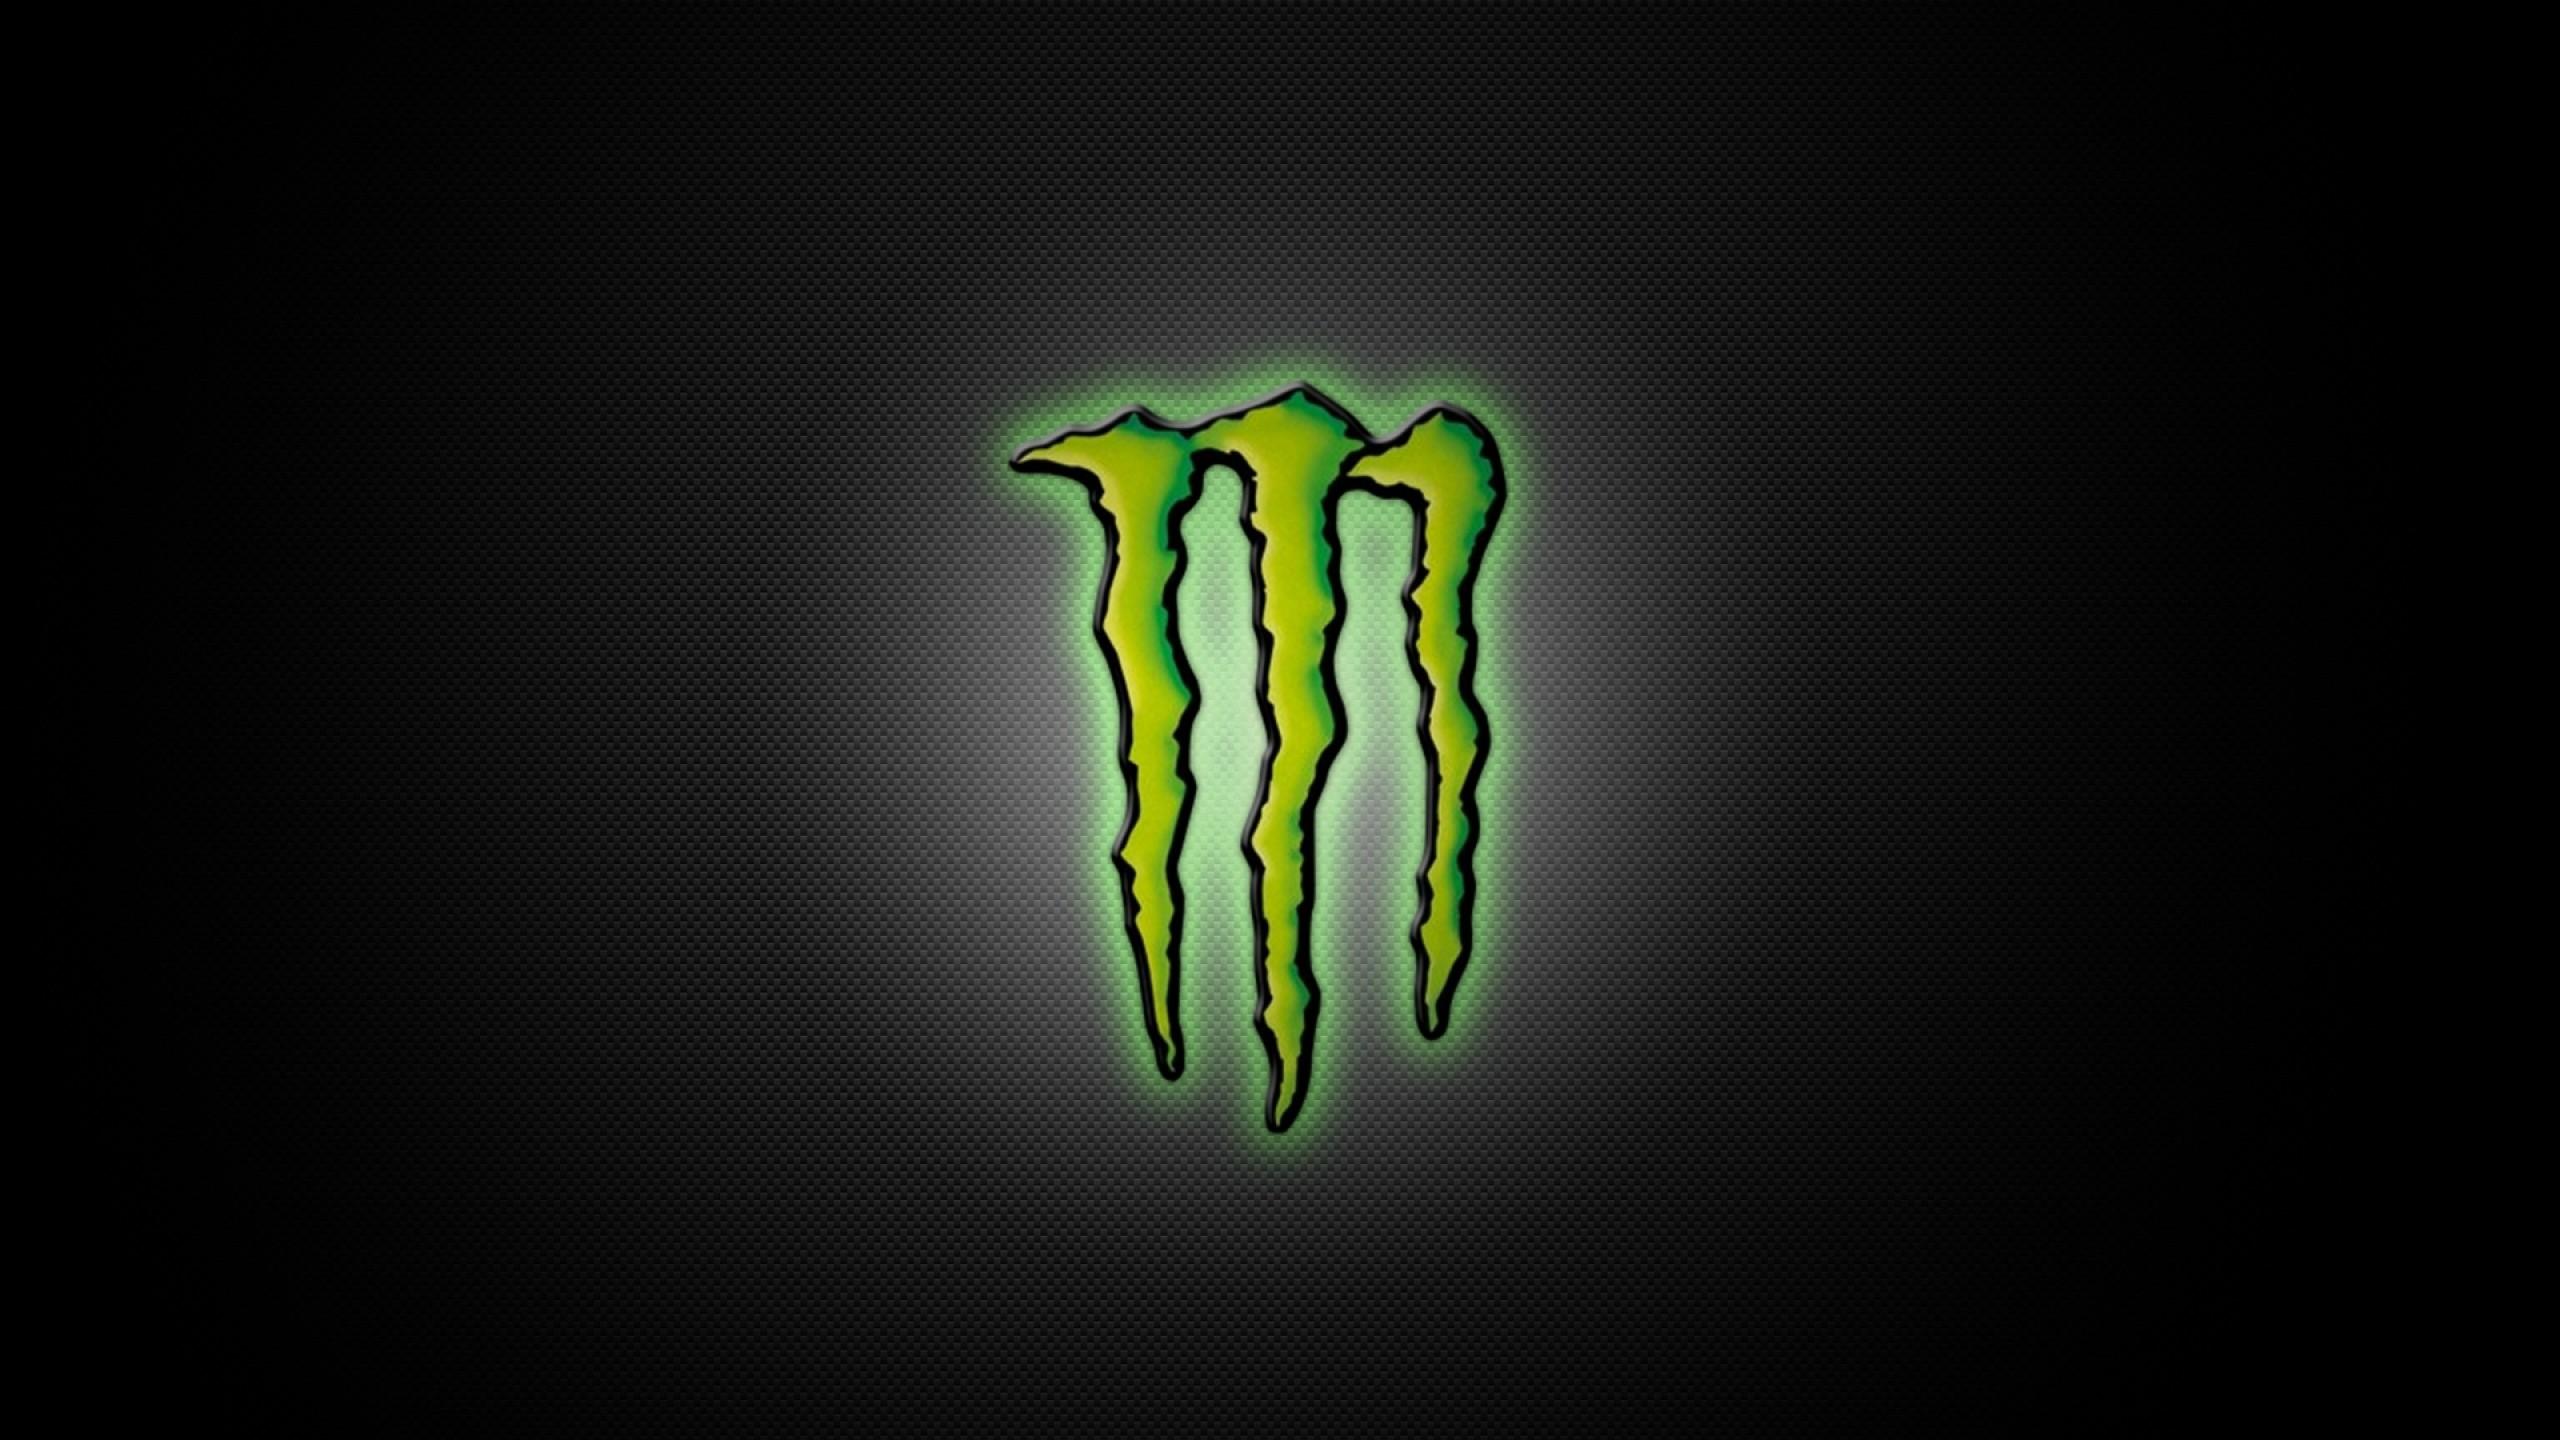 Monster energy desktop wallpaper #6970103.